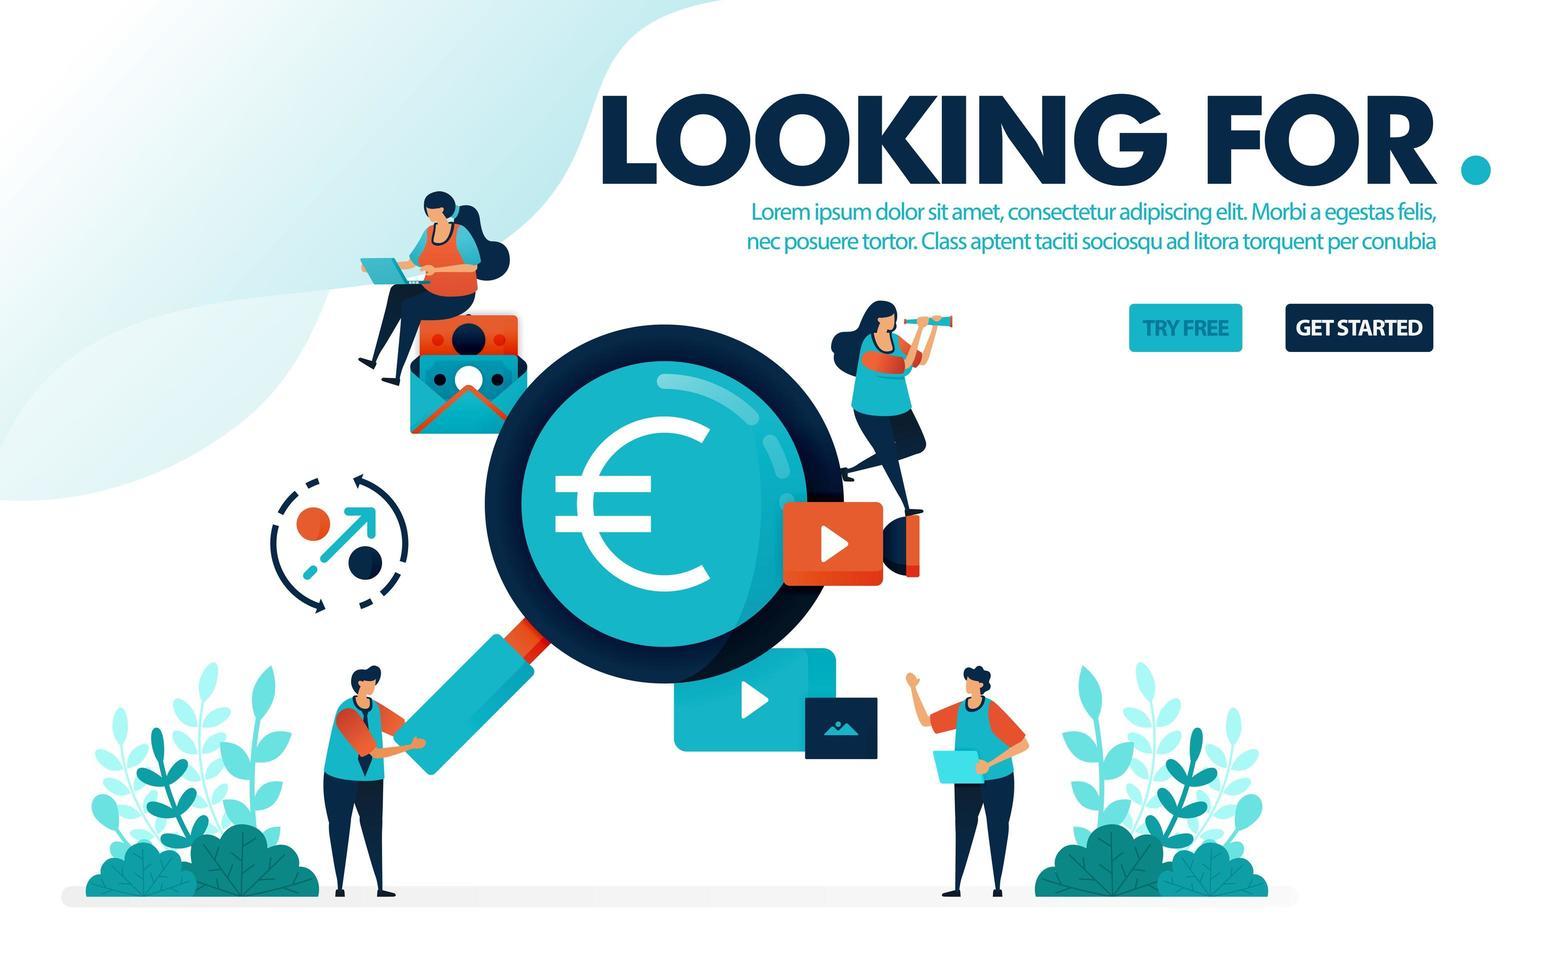 illustration vectorielle à la recherche d'emplois. les personnes à la recherche d'emplois bien rémunérés. trouver des bénéfices dans les affaires, l'argent et l'investissement. Conçu pour la page de destination, le web, la bannière, le modèle, l'arrière-plan, le dépliant, l'affiche vecteur